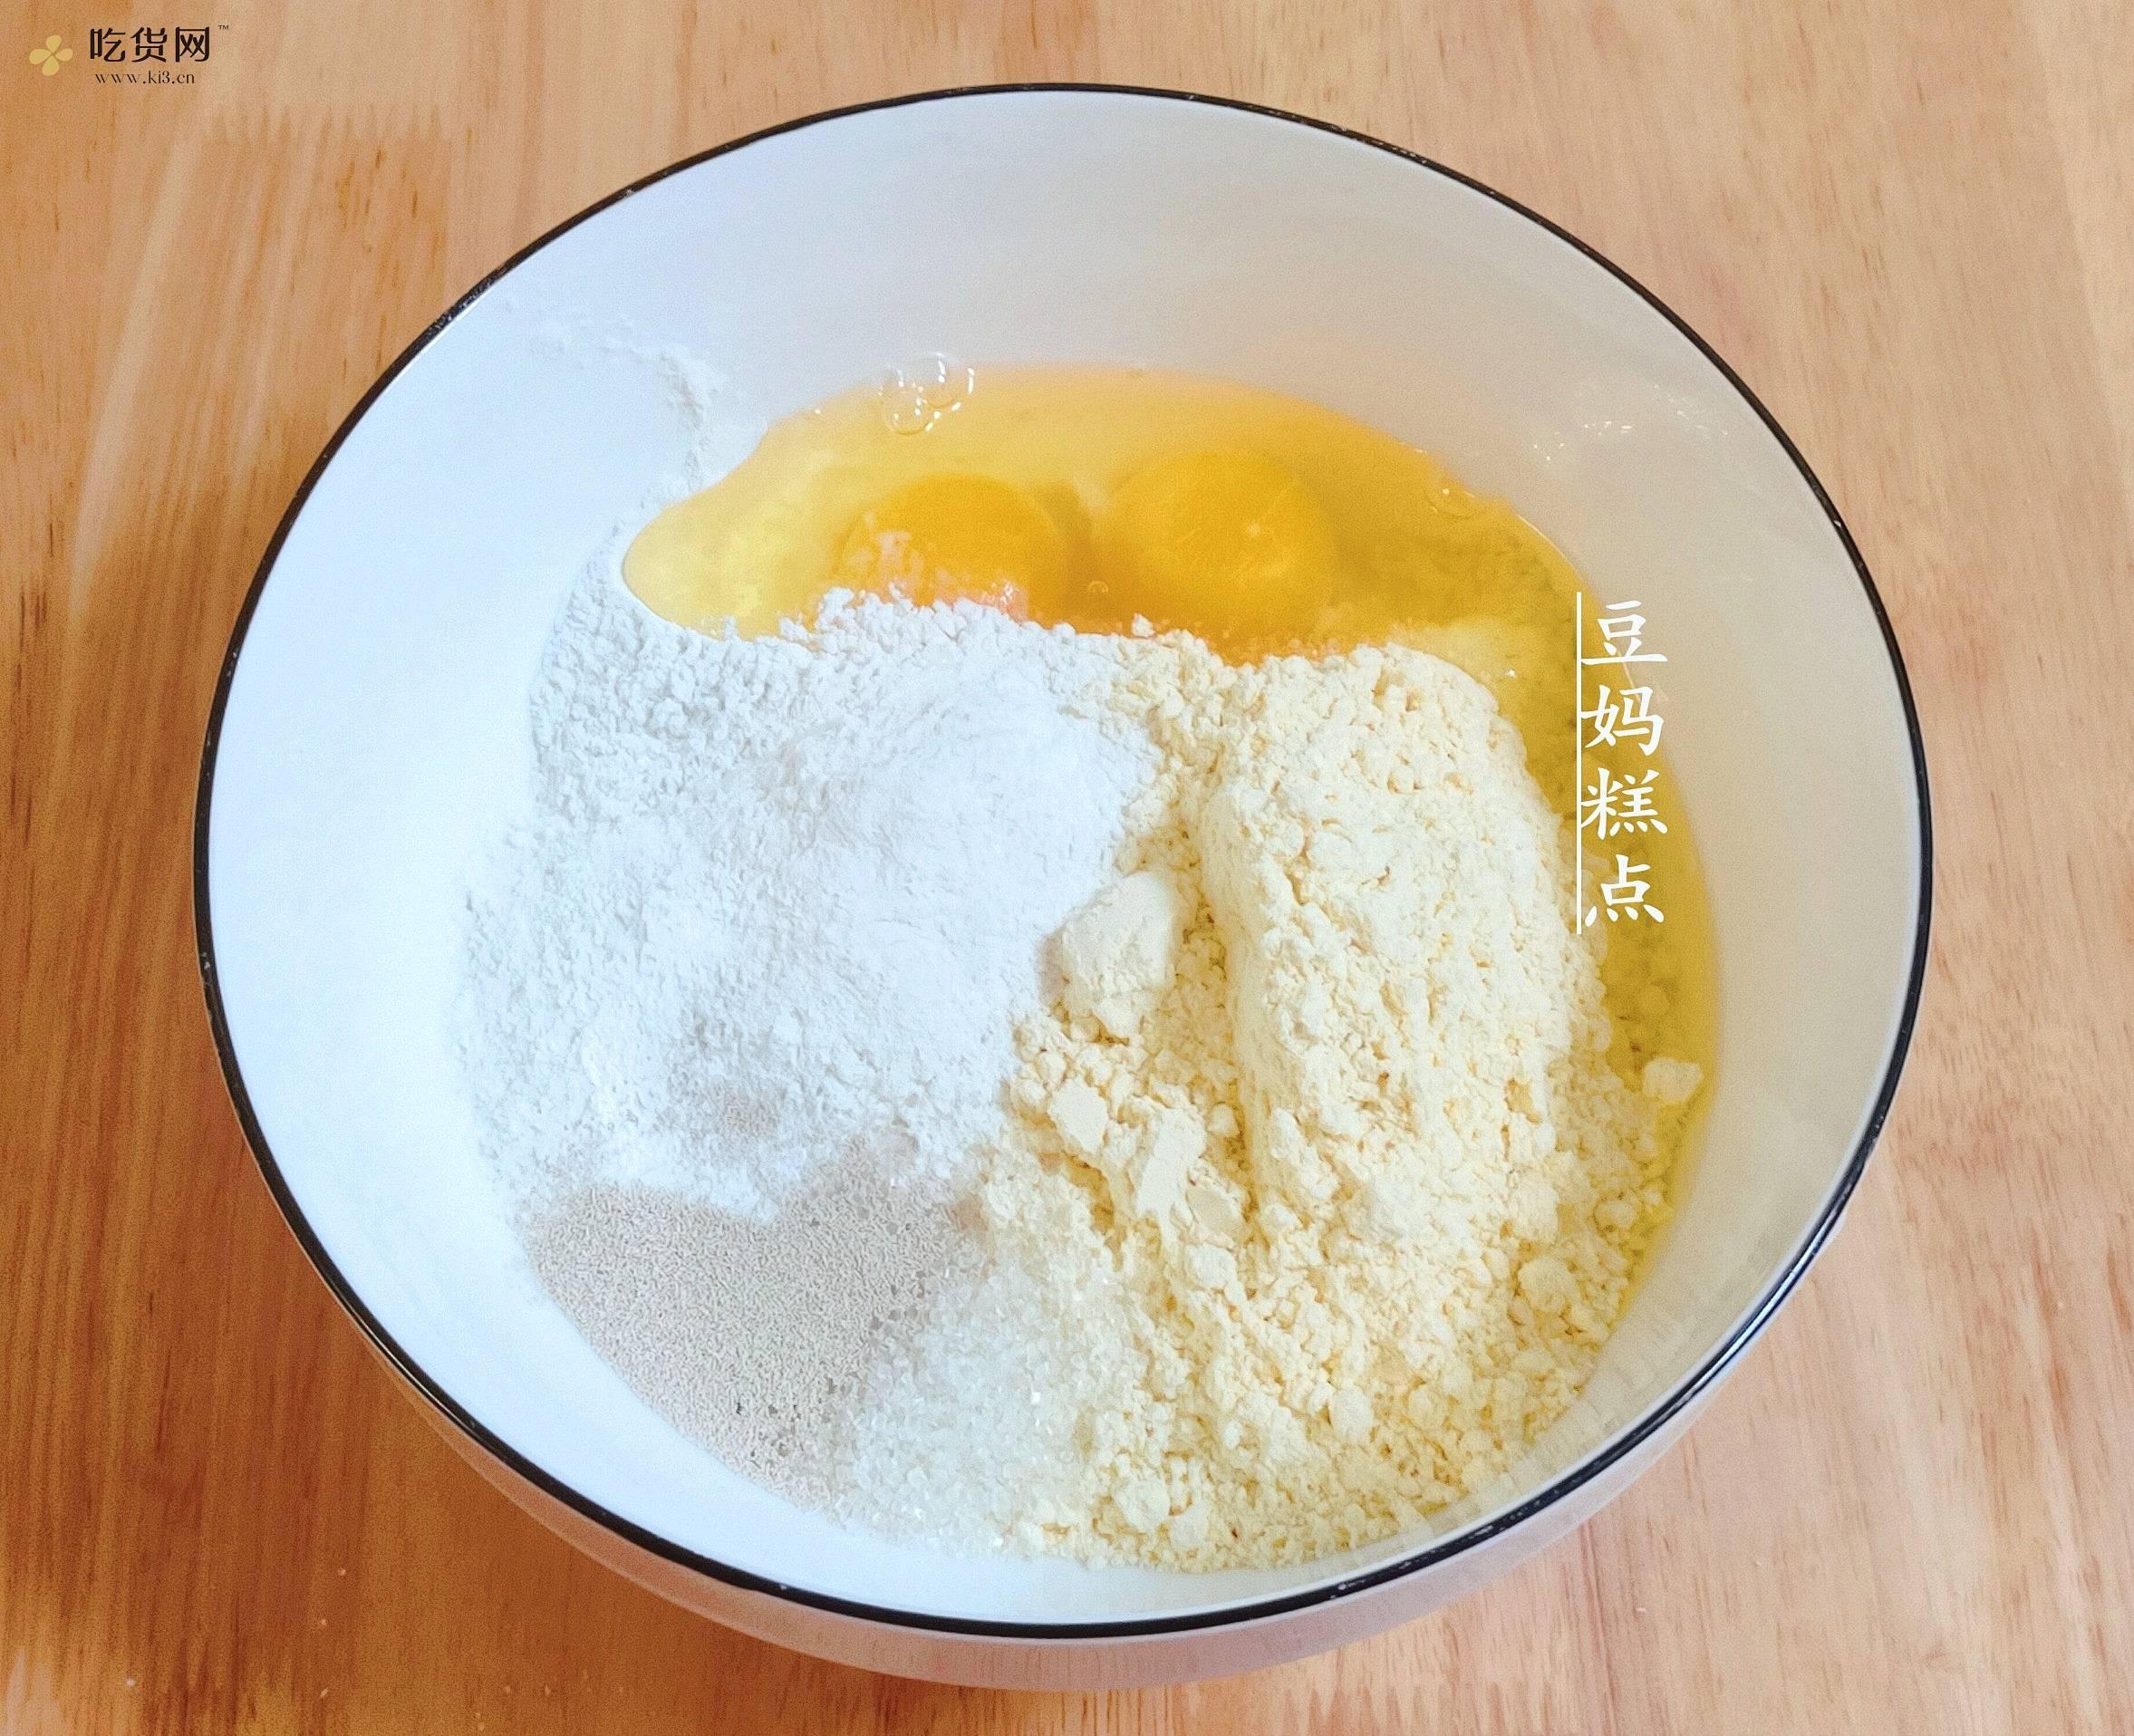 玉米面松饼,早起5分钟搞定,又软又健康的做法 步骤2